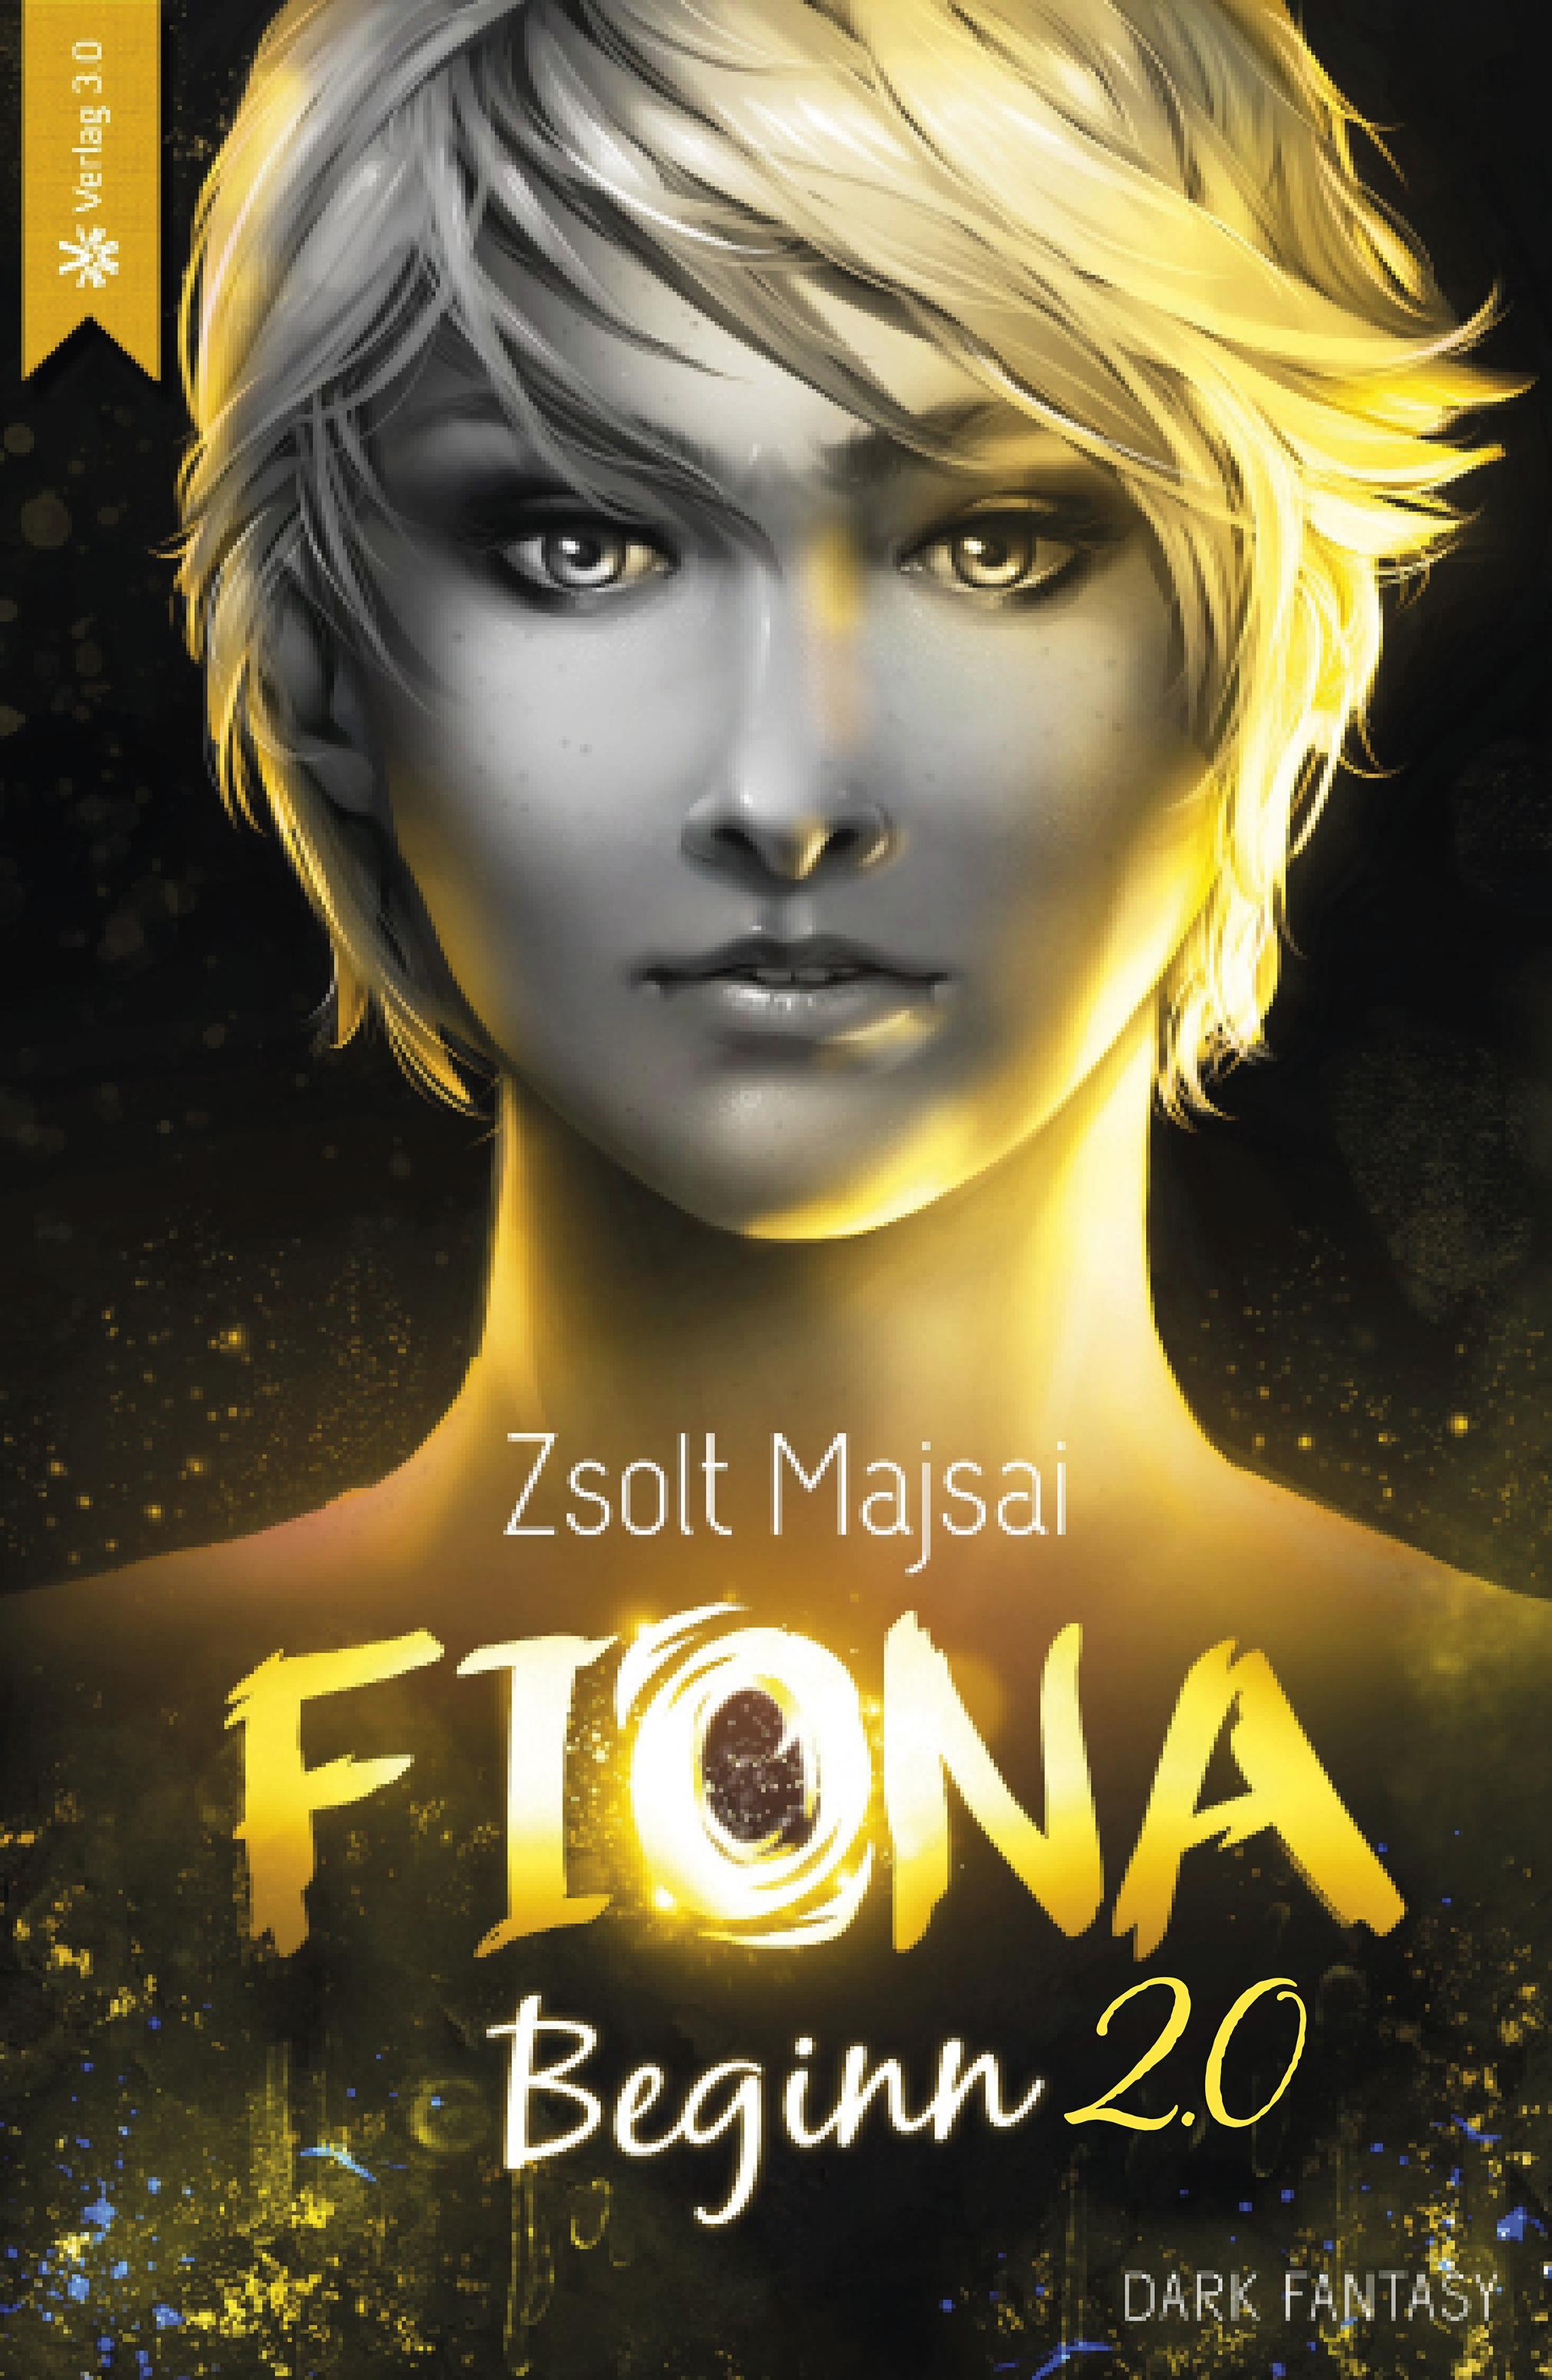 Fiona - Beginn 2.0